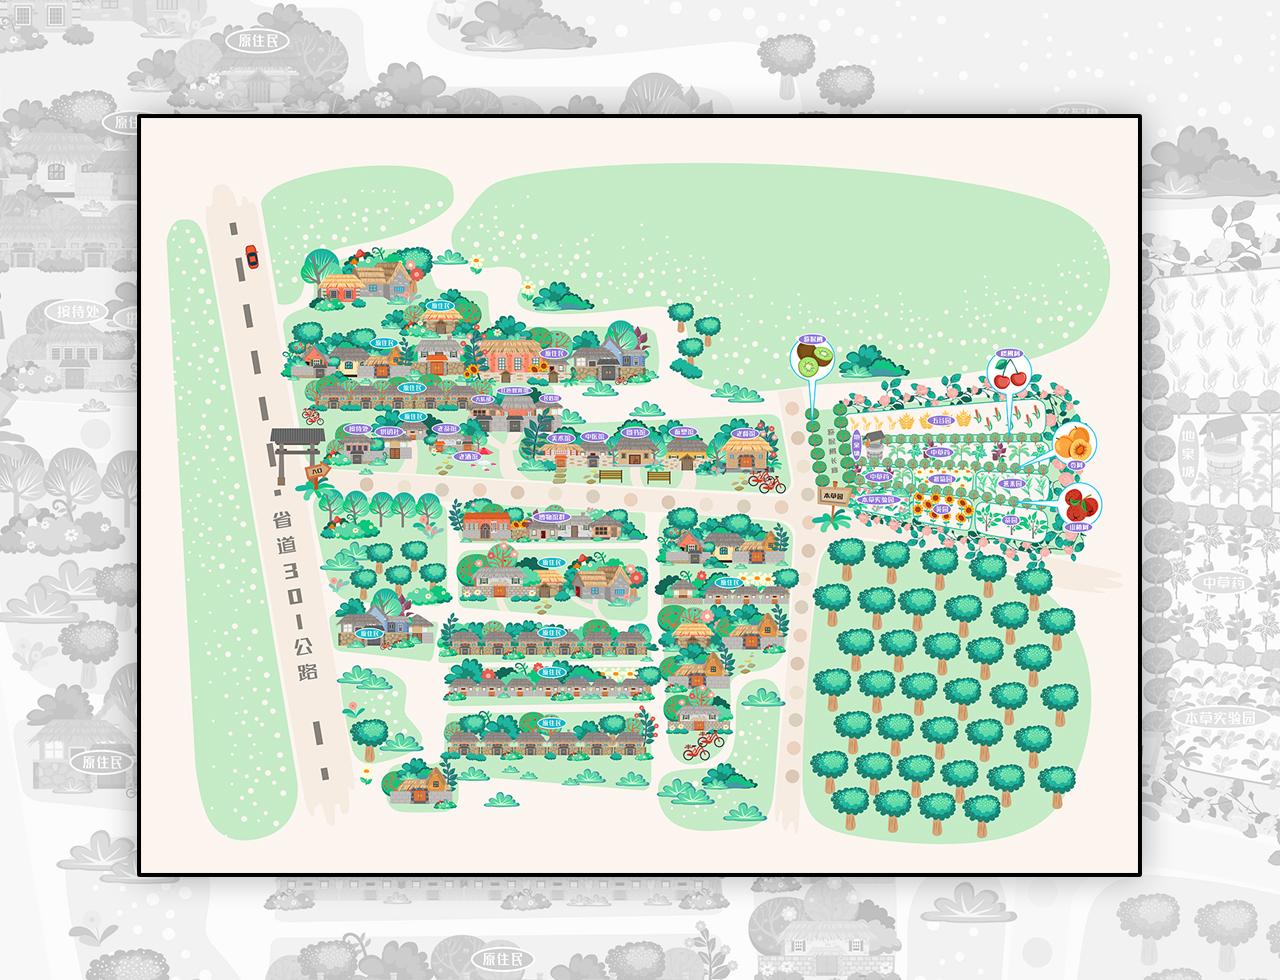 xx岛手绘地图